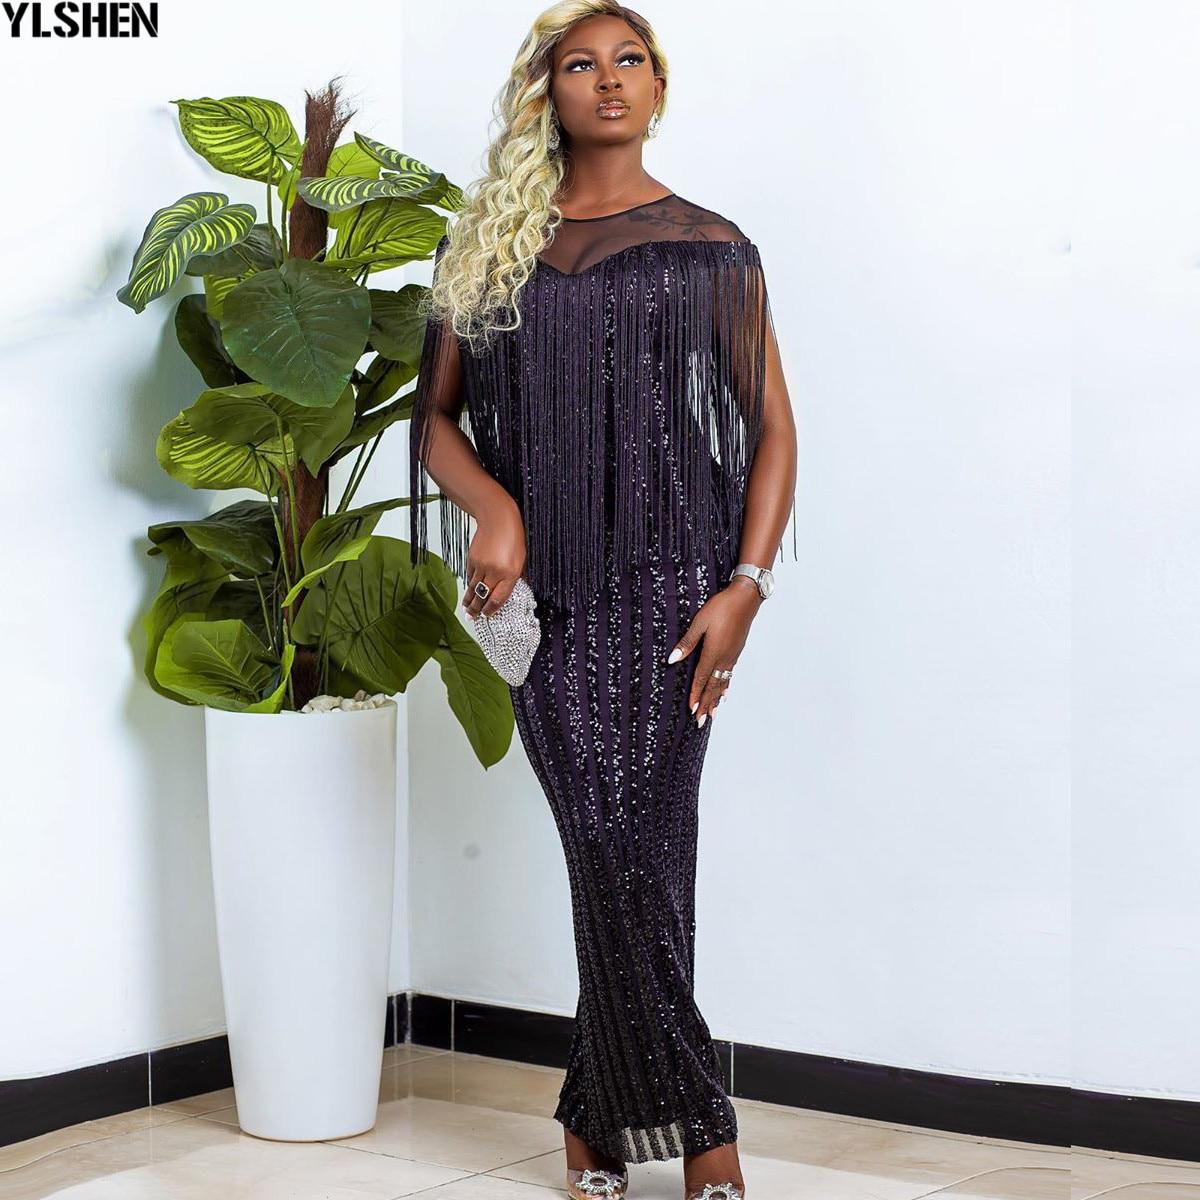 فساتين الأفريقية للنساء Dashiki شرابة شبكة الترتر رداء فستان أفريقي أفريقيا الملابس سوبر مطاطا عيد الميلاد فستان ماكسي